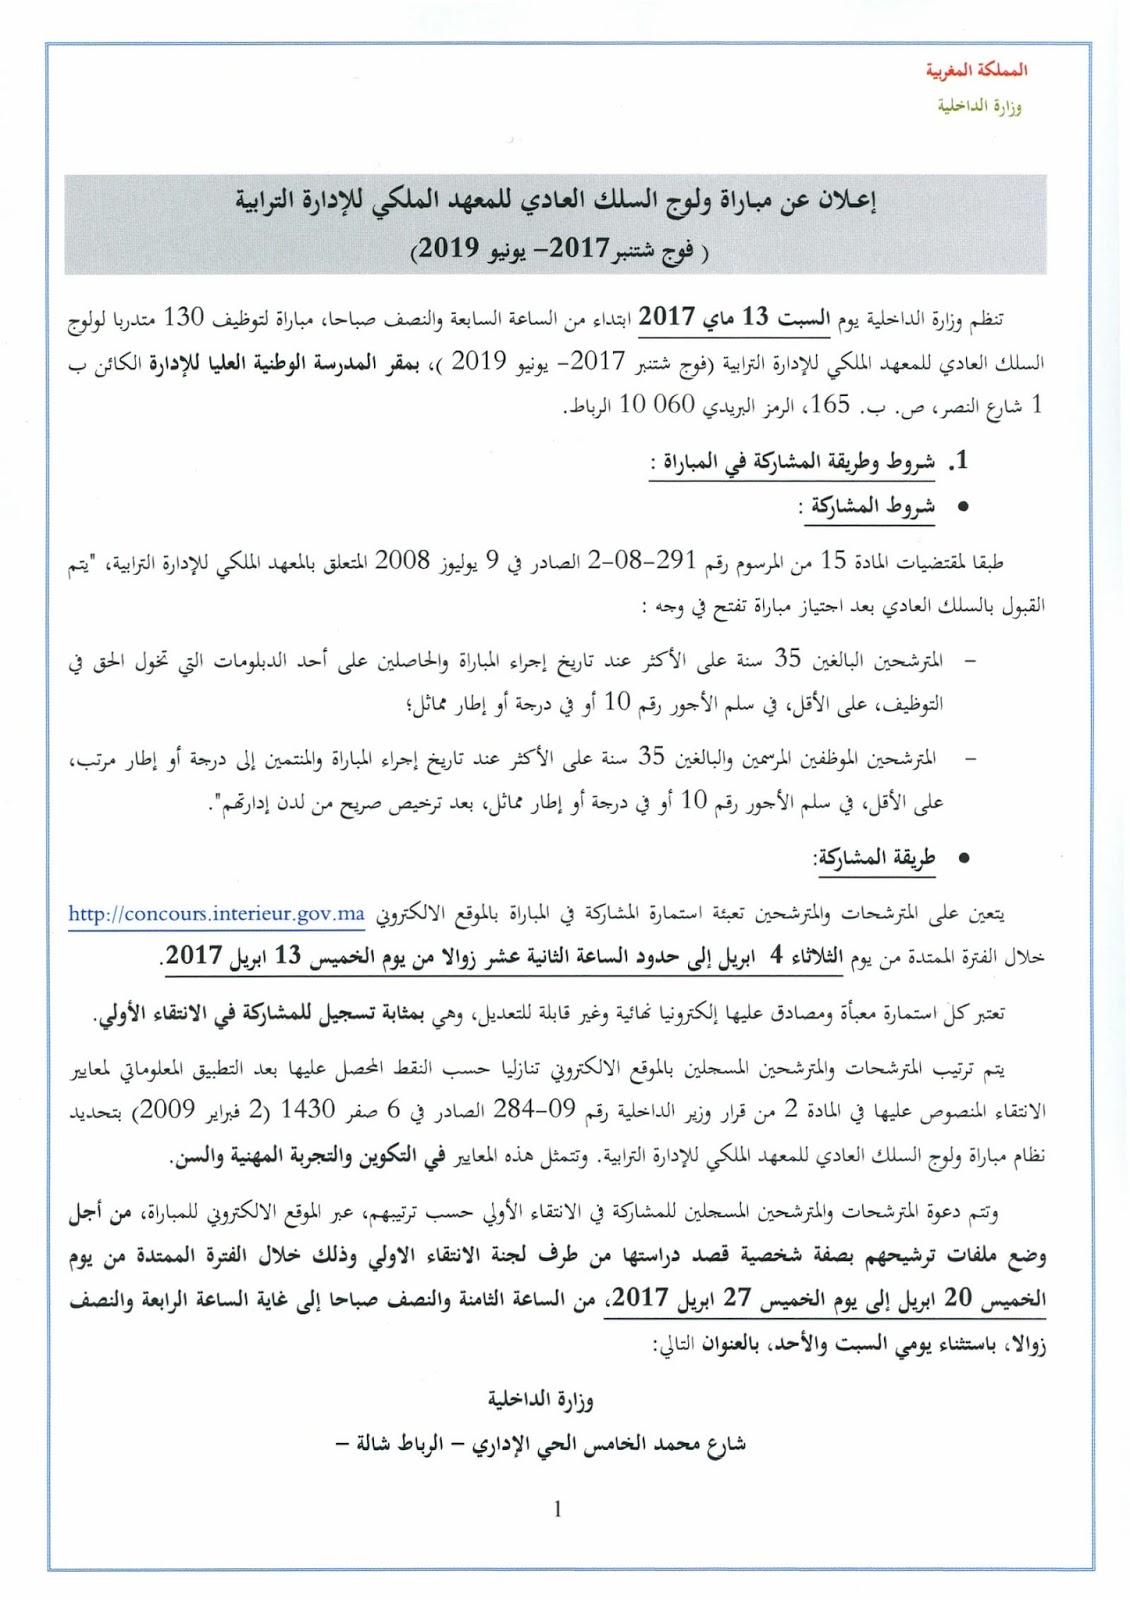 مباراة توظيف 130 متدرب ( القياد ) المعهد الملكي للإدارة الترابية